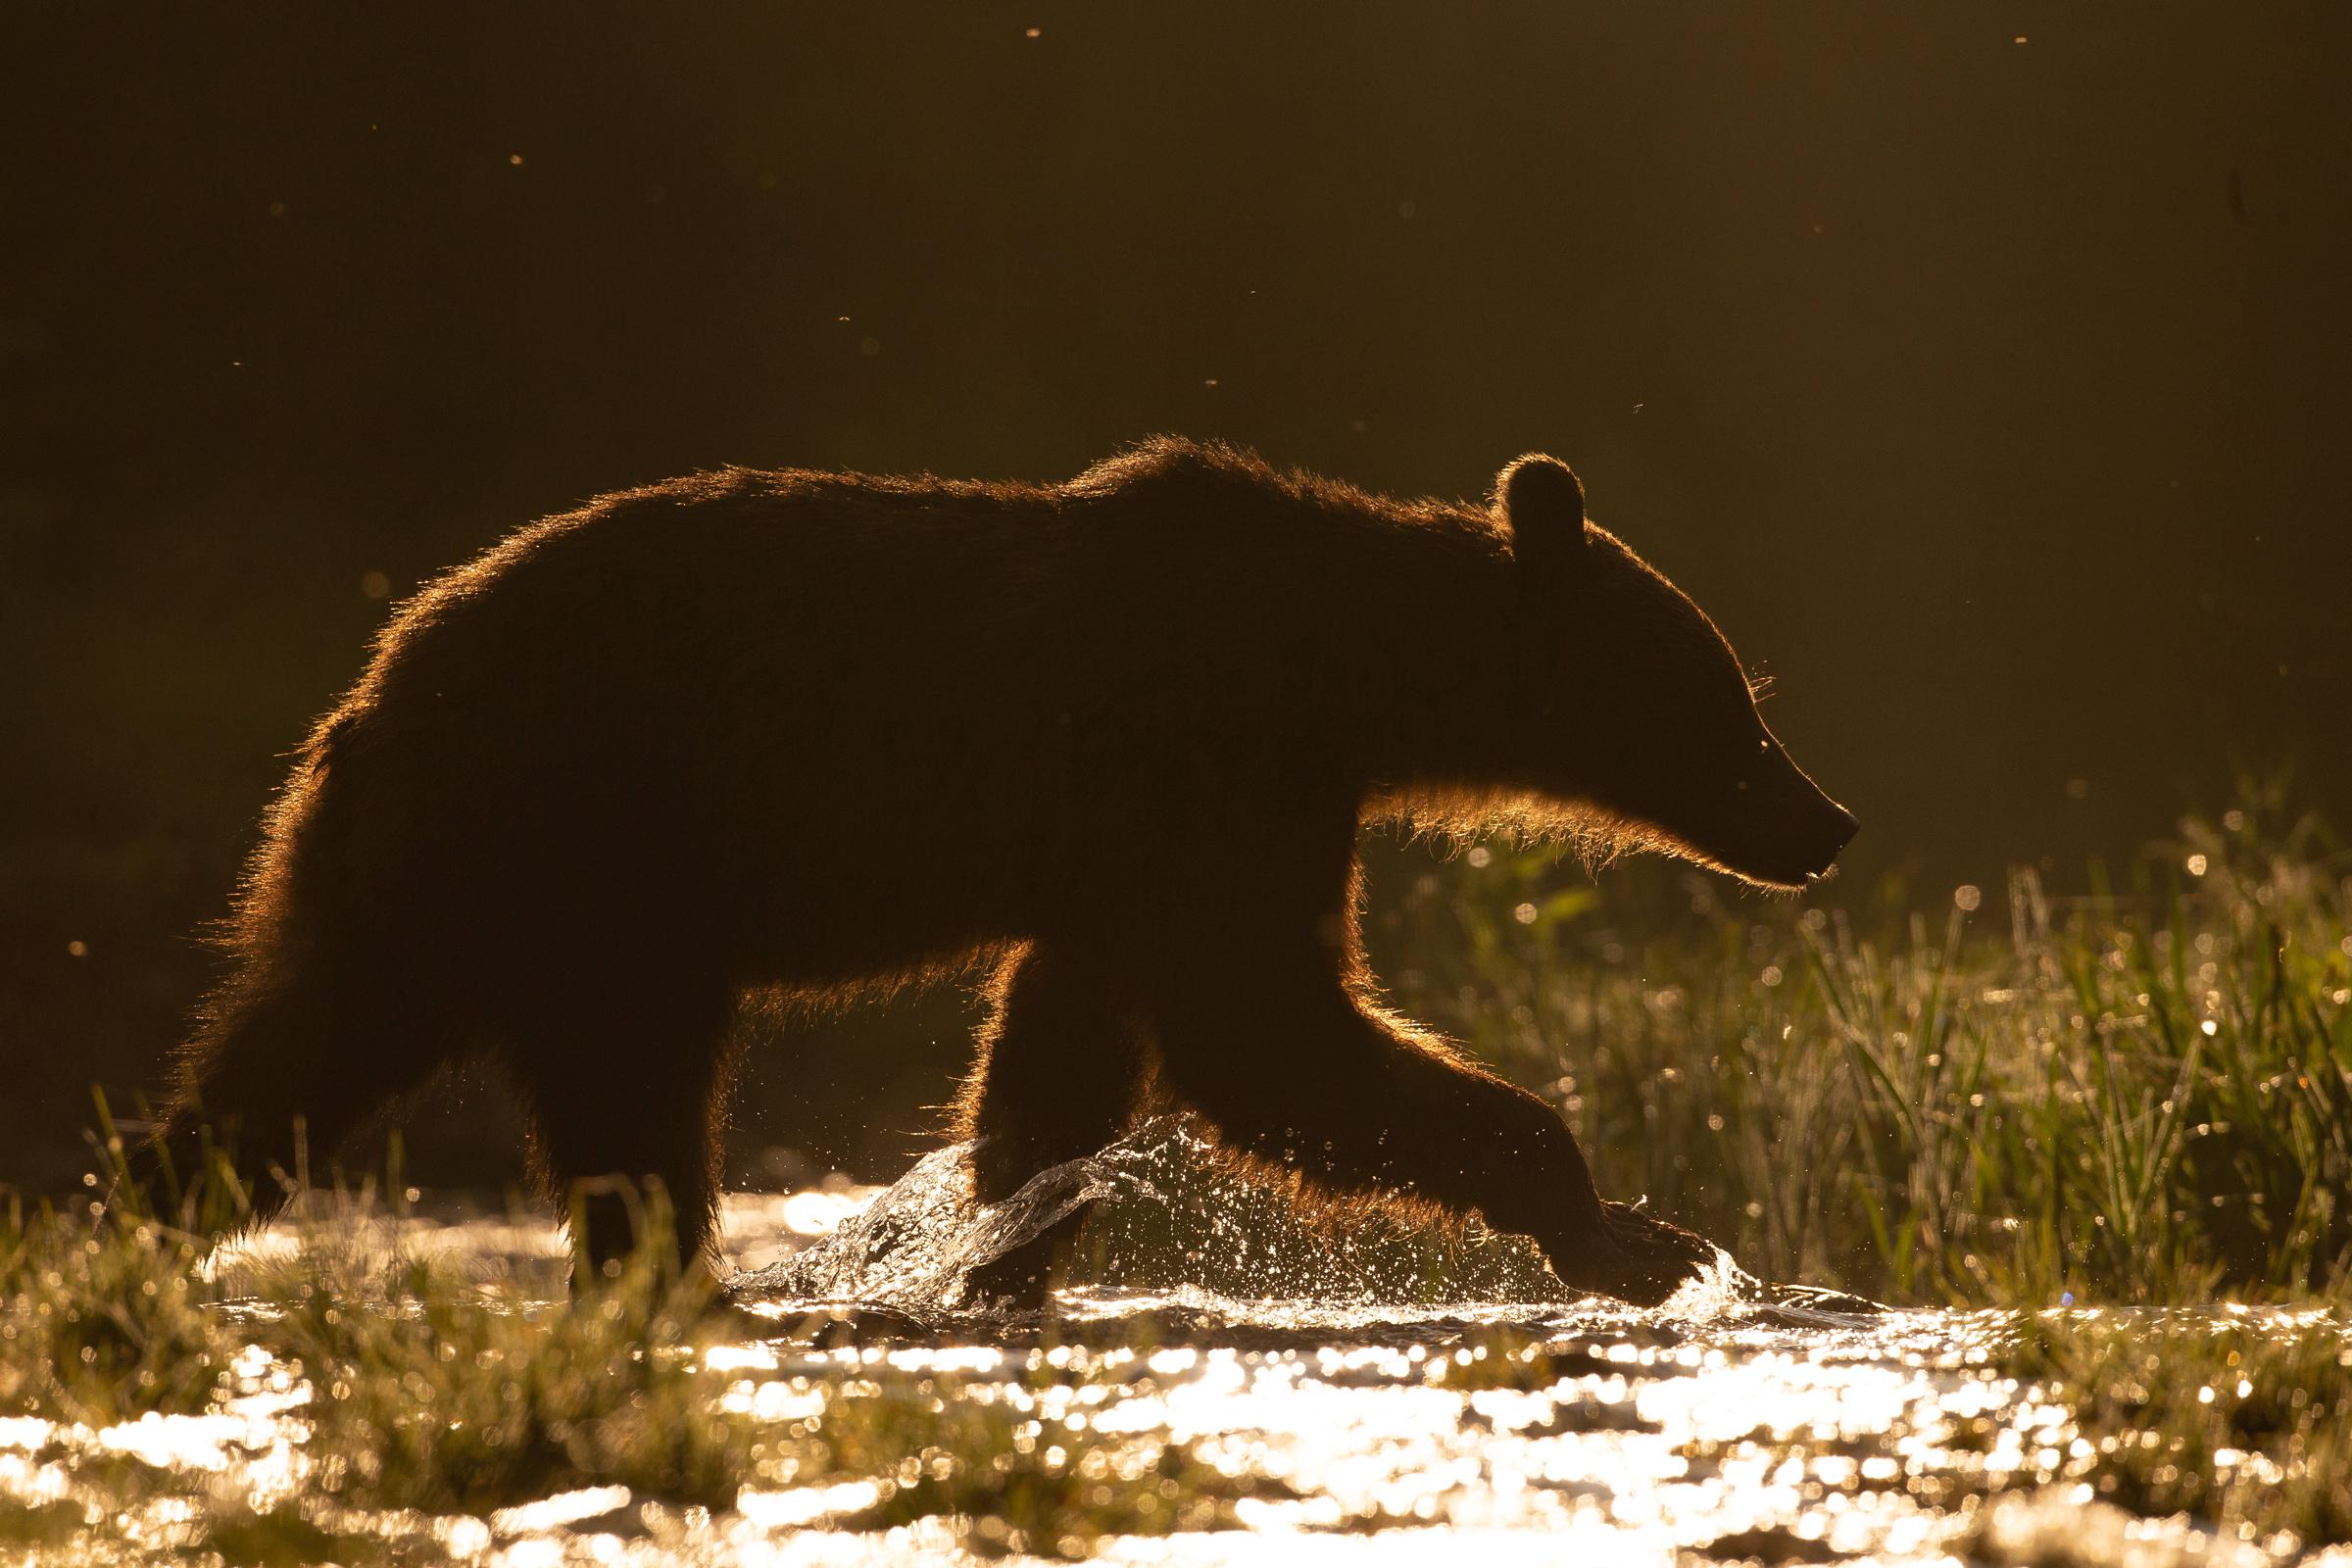 Carpathian Brown Bear in Transylvania's Harghita region, June 2019